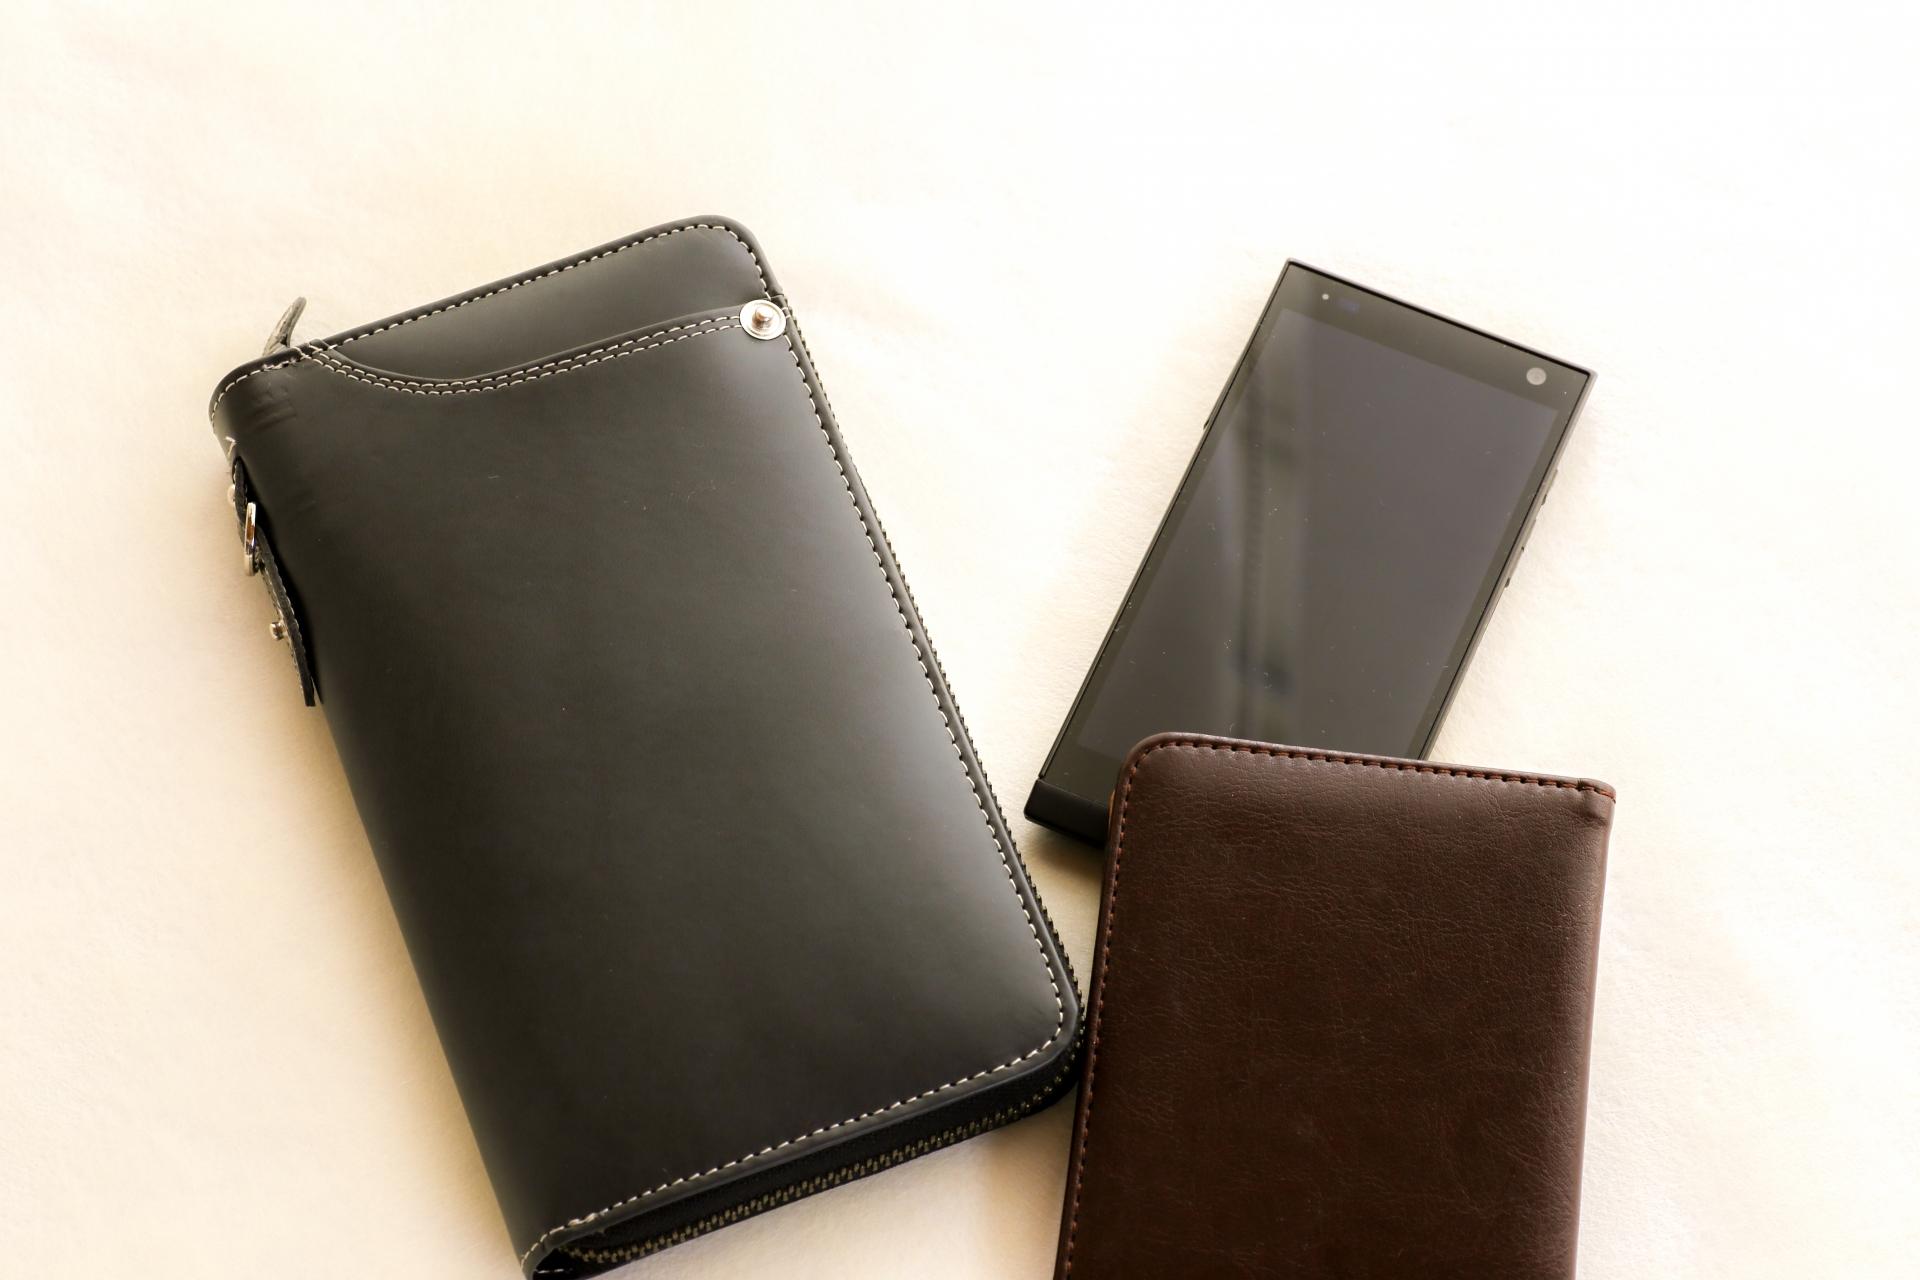 クリスマスプレゼントの財布を大学生の彼氏に贈る場合のブランドは?デザインやカラーを紹介